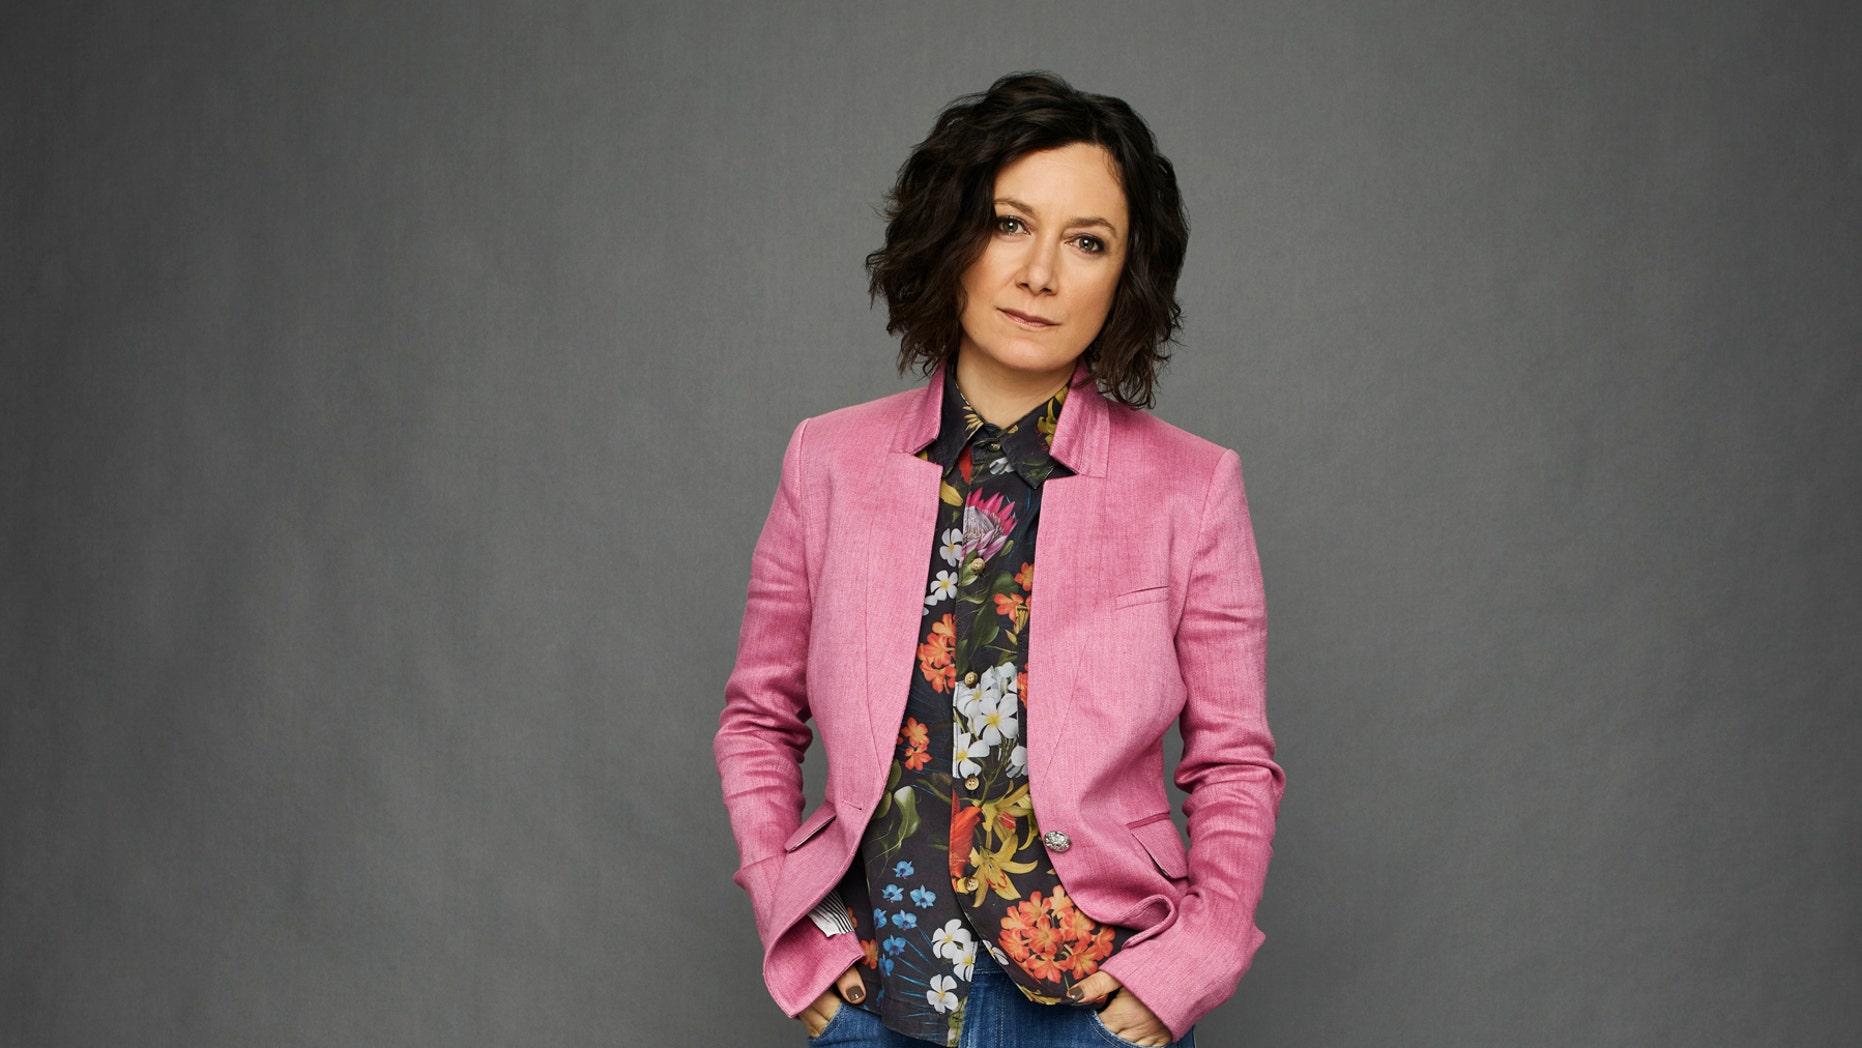 Sara Gilbert of THE TALK on CBS